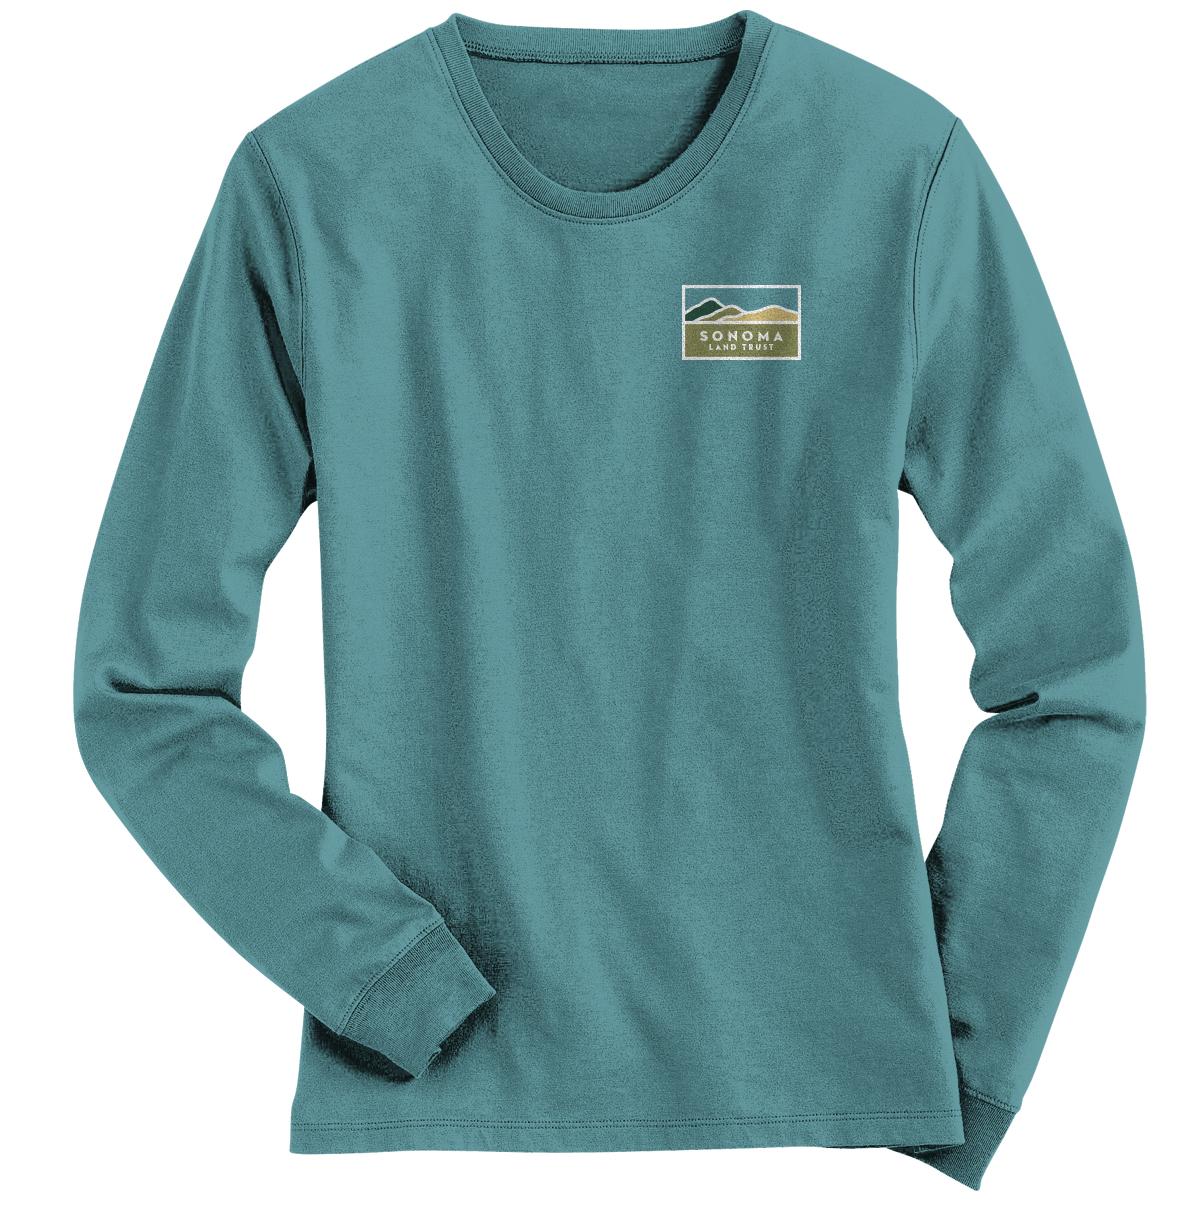 SLT shirt final-605 copy.jpg